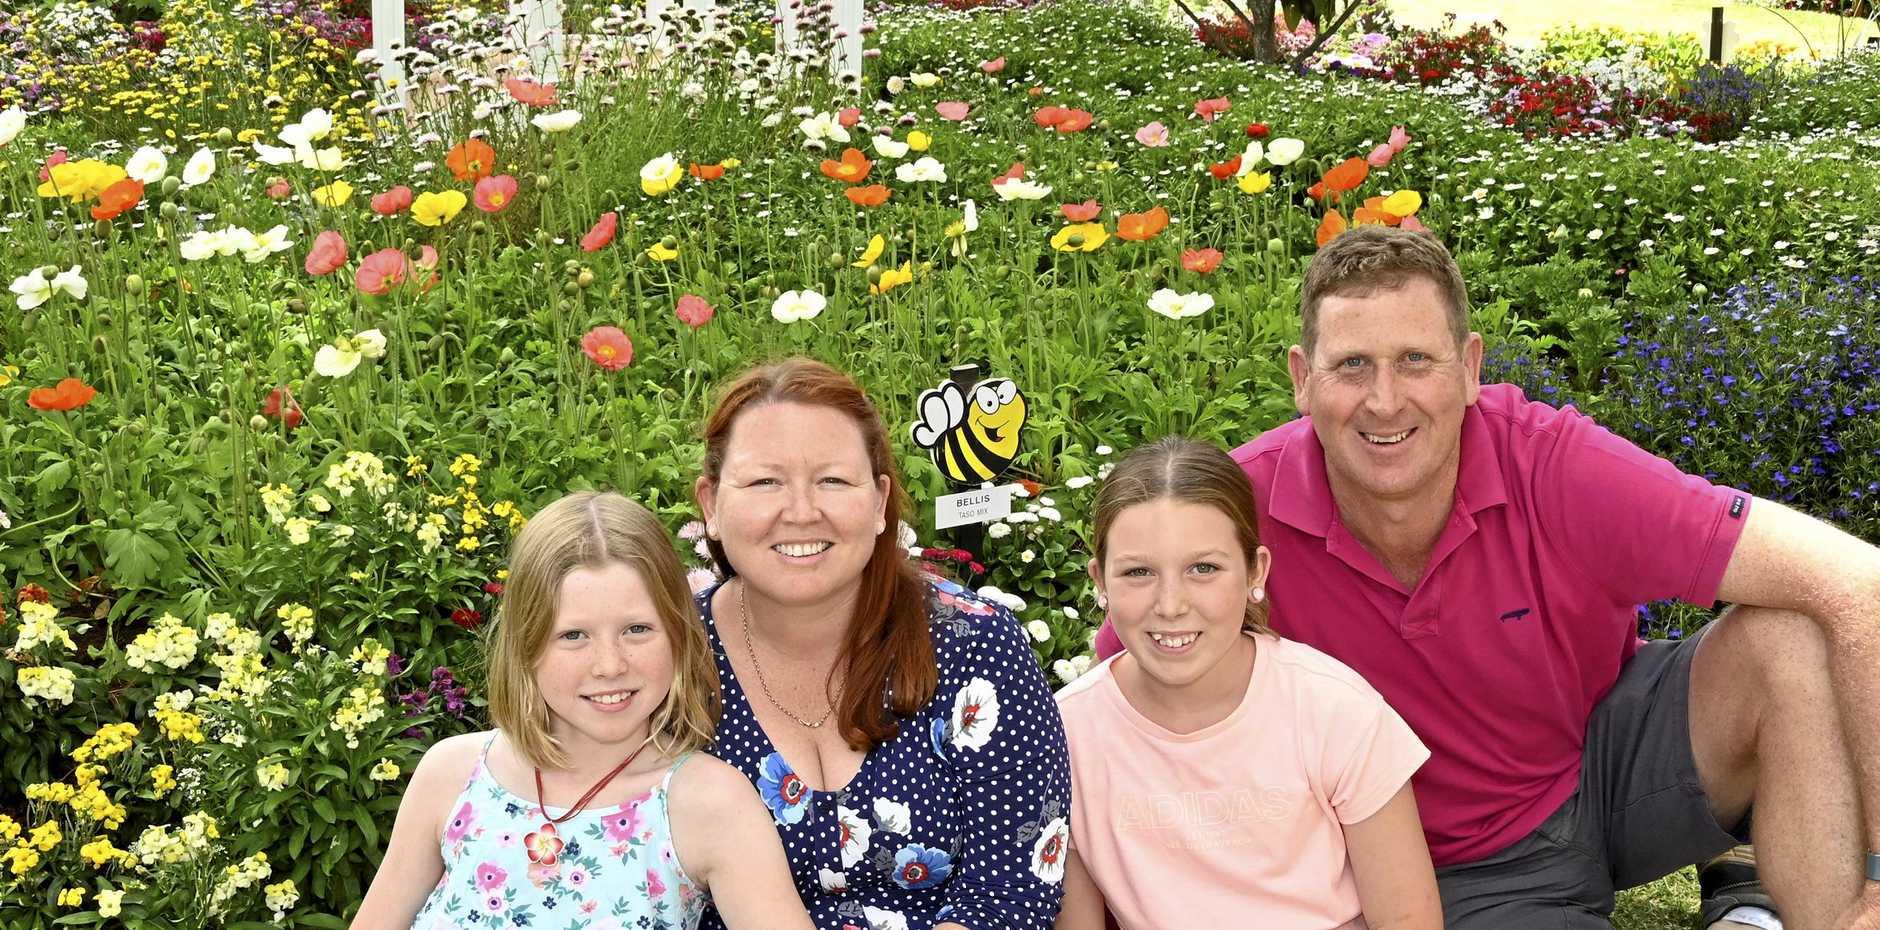 Enjoying the spectacular floral displays at Laurel Bank today are (from left) Charlotte, Ellen, Elizabeth and Glen Seeds.